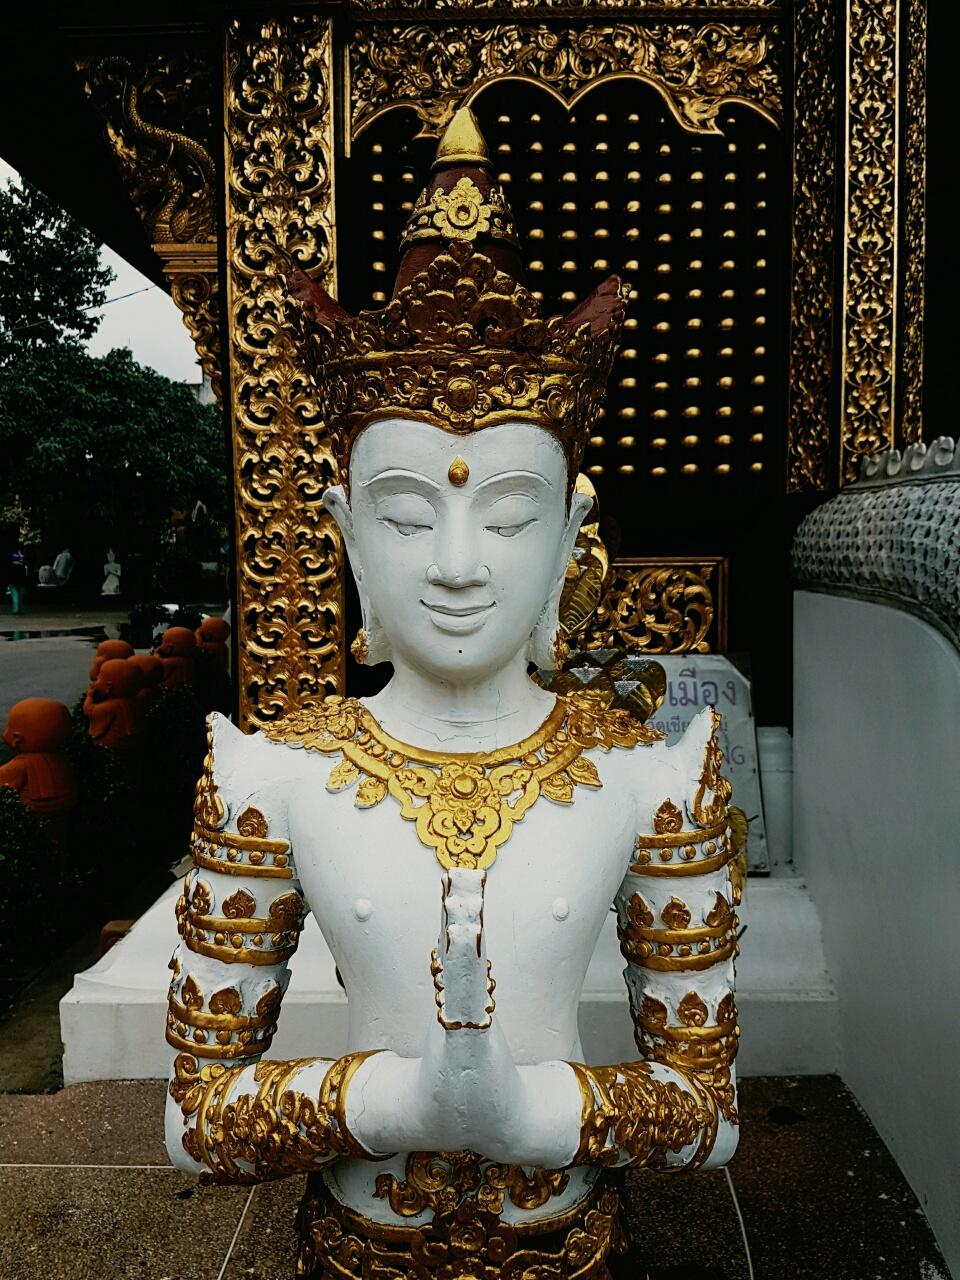 Правила поведения в буддийских храмах правила поведения в буддийском храме